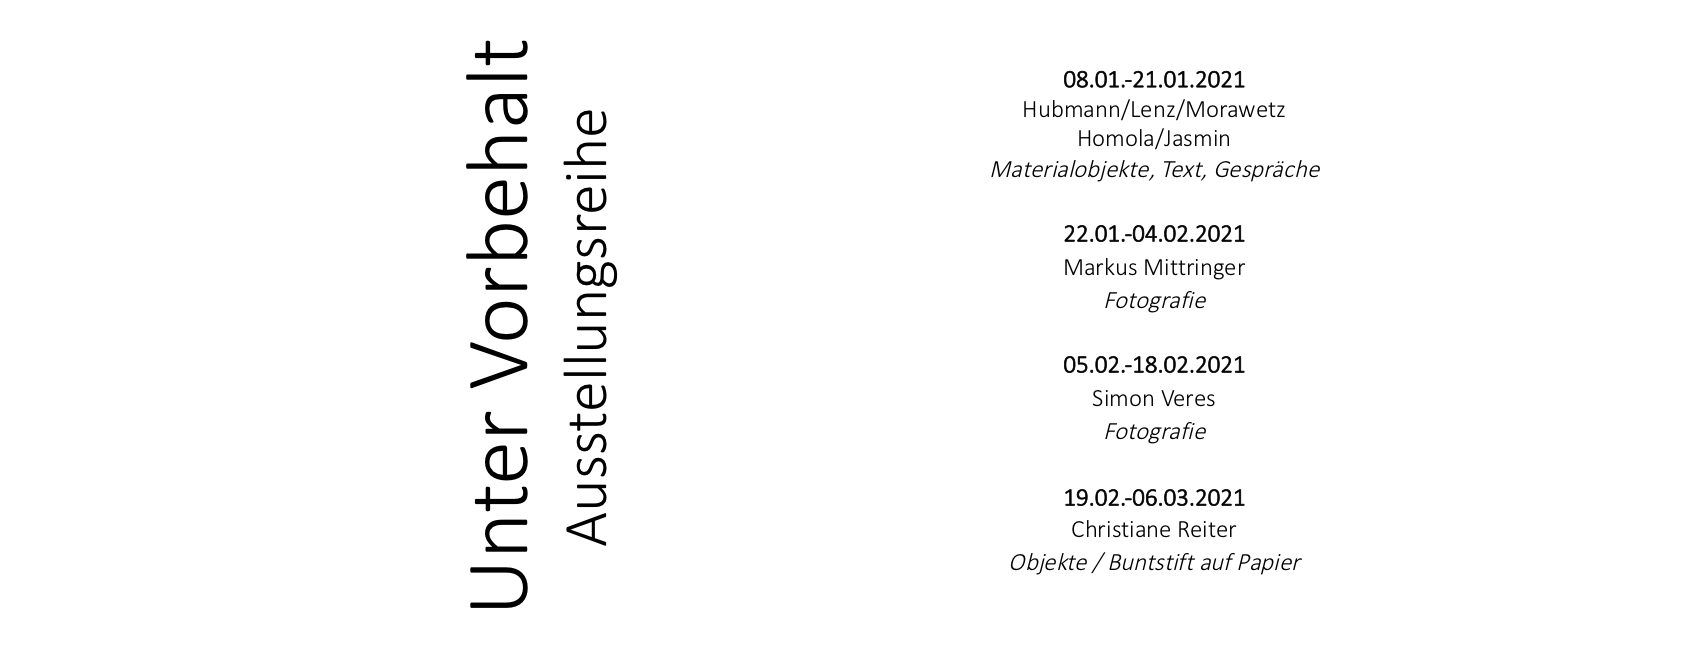 Exhibition program 2021